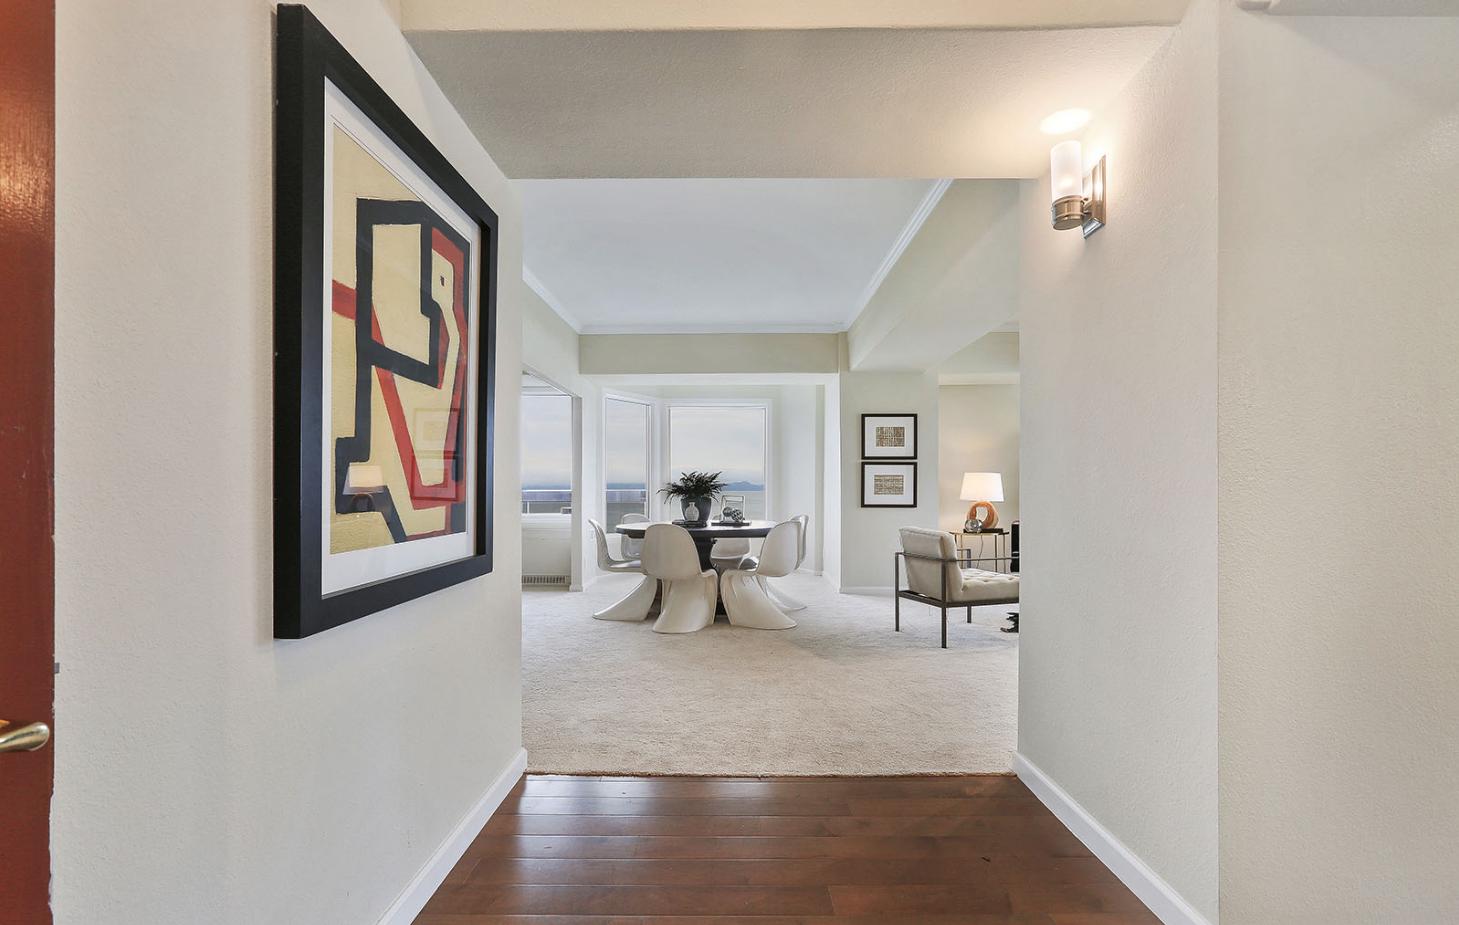 Condominio por un Venta en 6363 Christie Ave., #617 Emeryville, California 94608 Estados Unidos